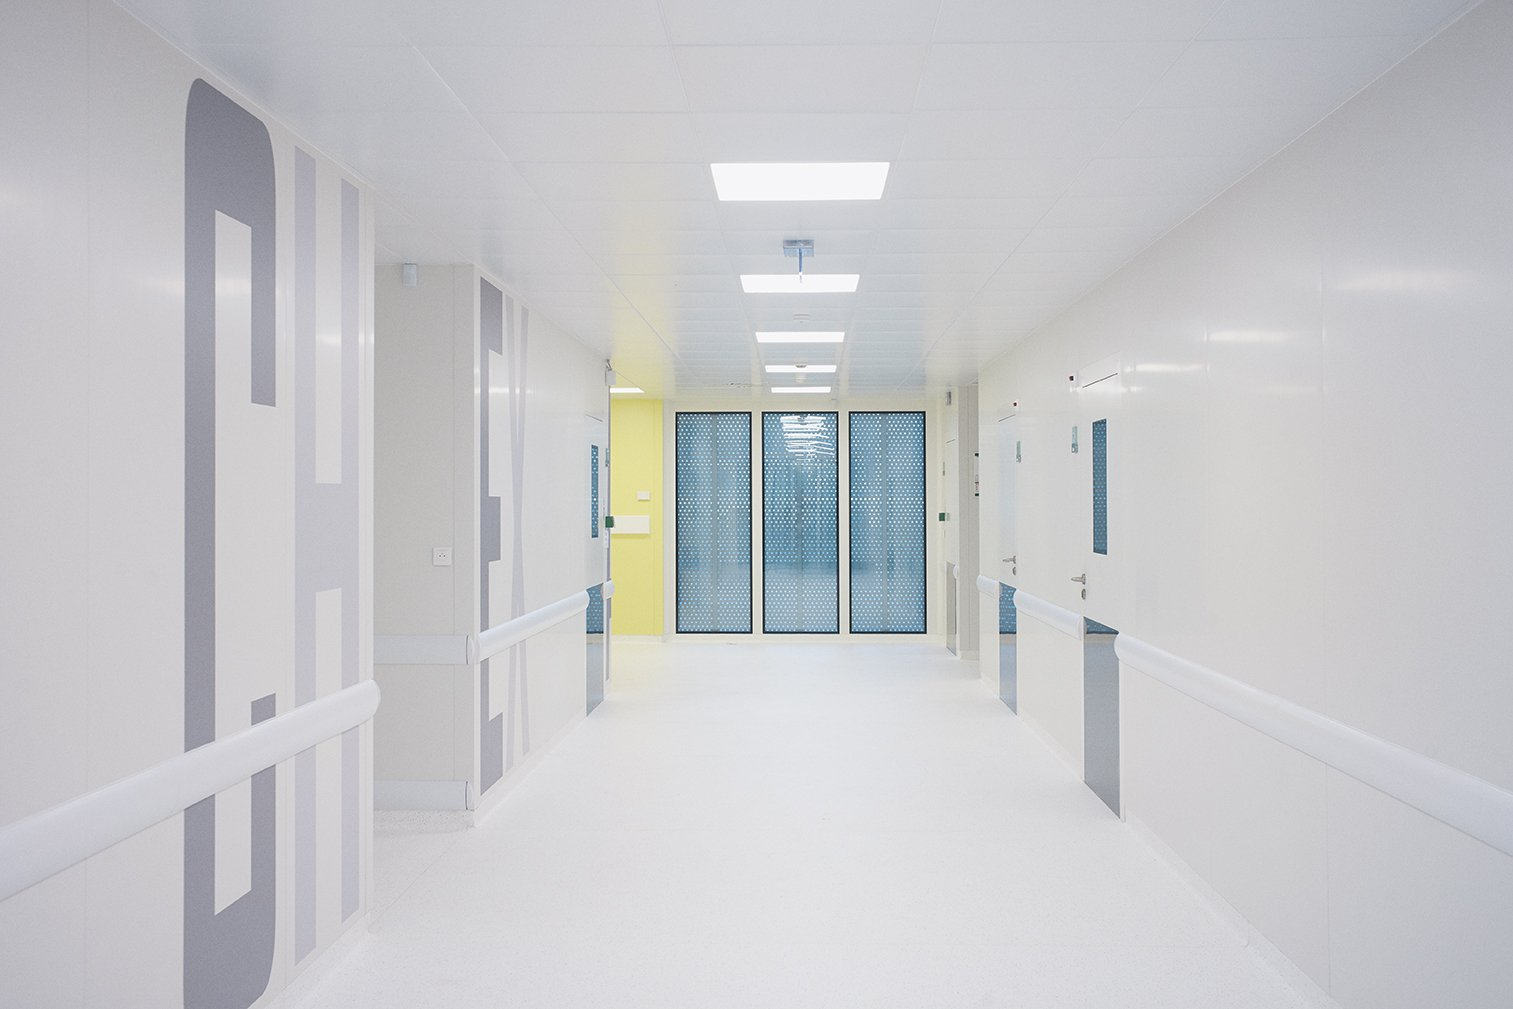 https://www.transform-architecture.com/wp-content/uploads/2020/12/TRANSFORM-Centre-exploration-fonctionnelle-Jussieu-03.jpg